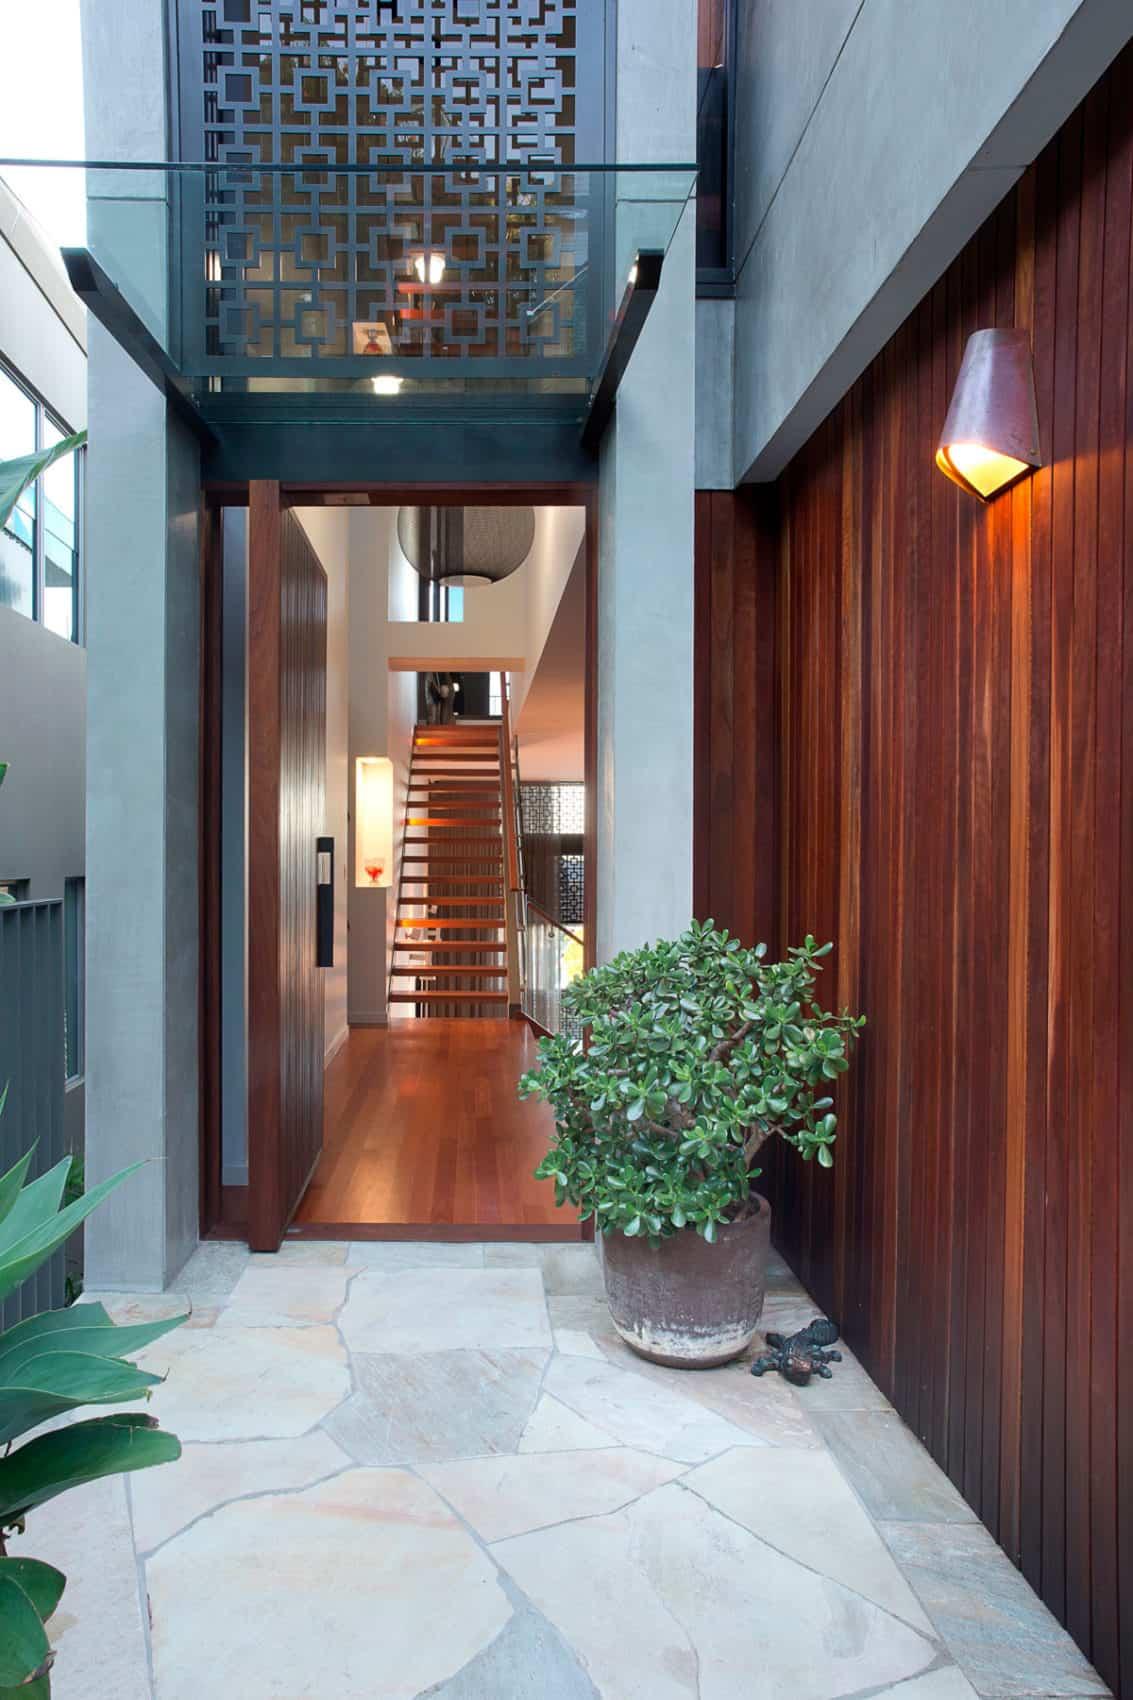 60s Modern Renovation by Jamison Architects (3)